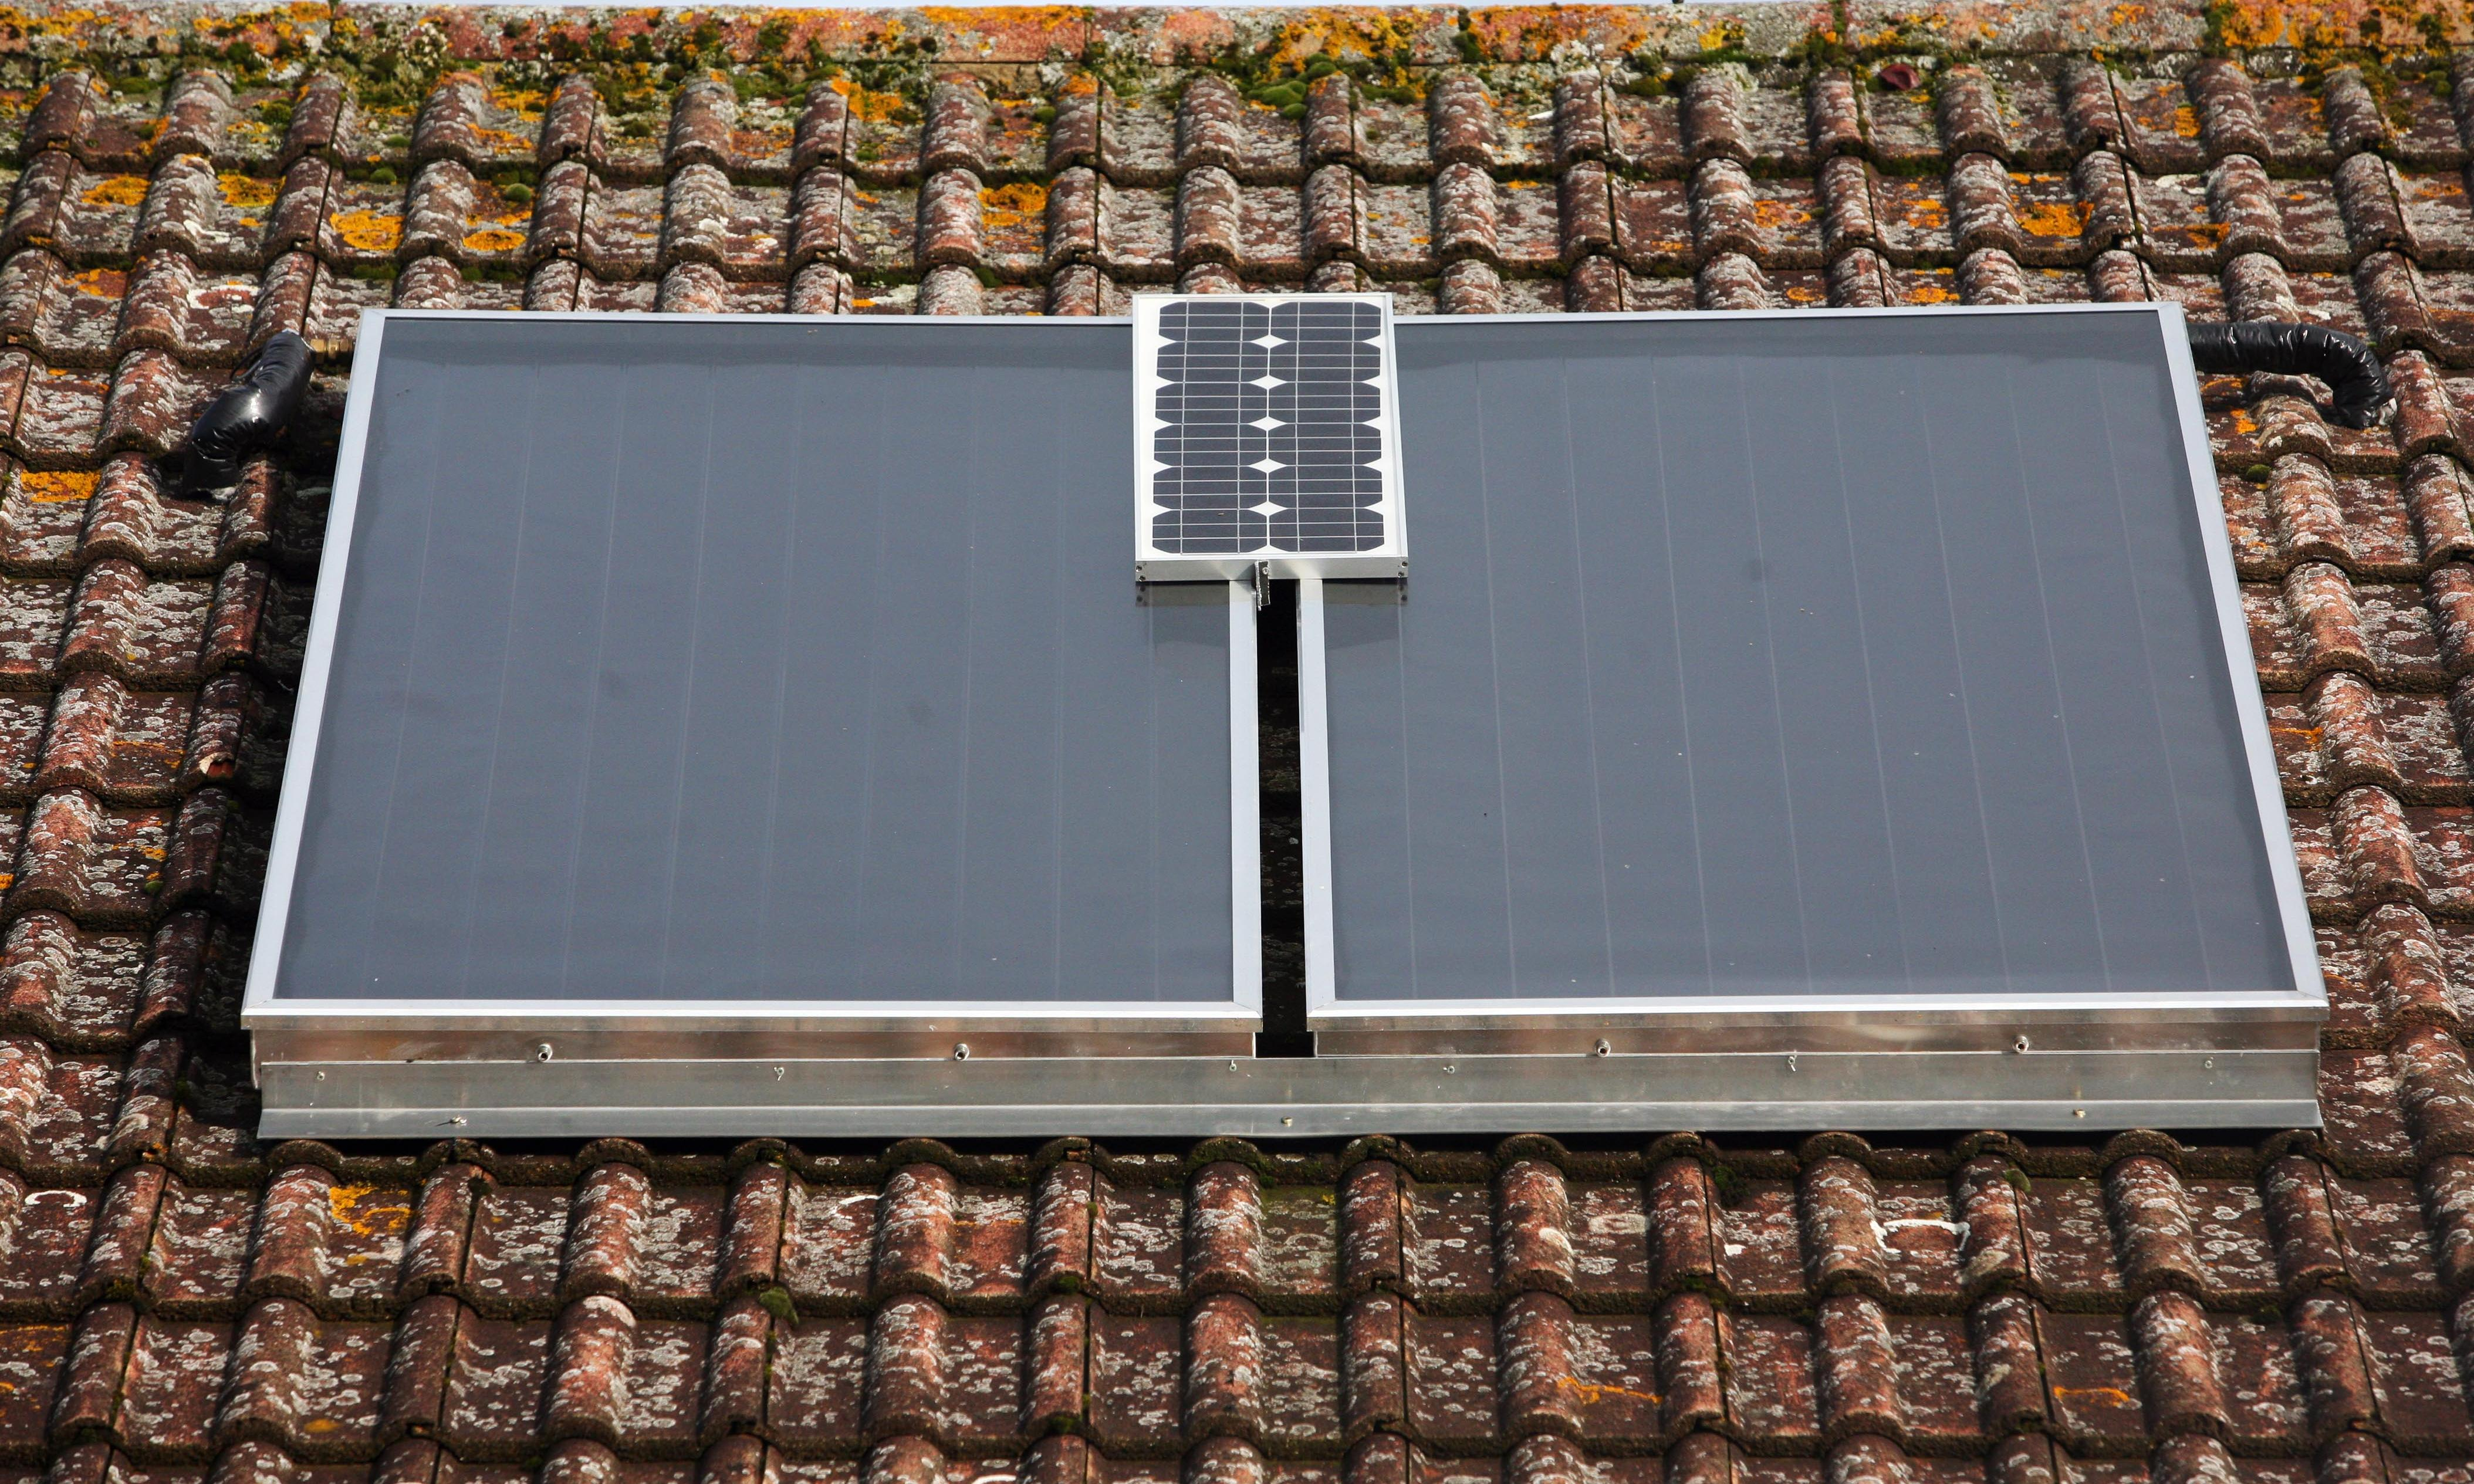 Mortgage lender raises the roof over leasehold solar panels